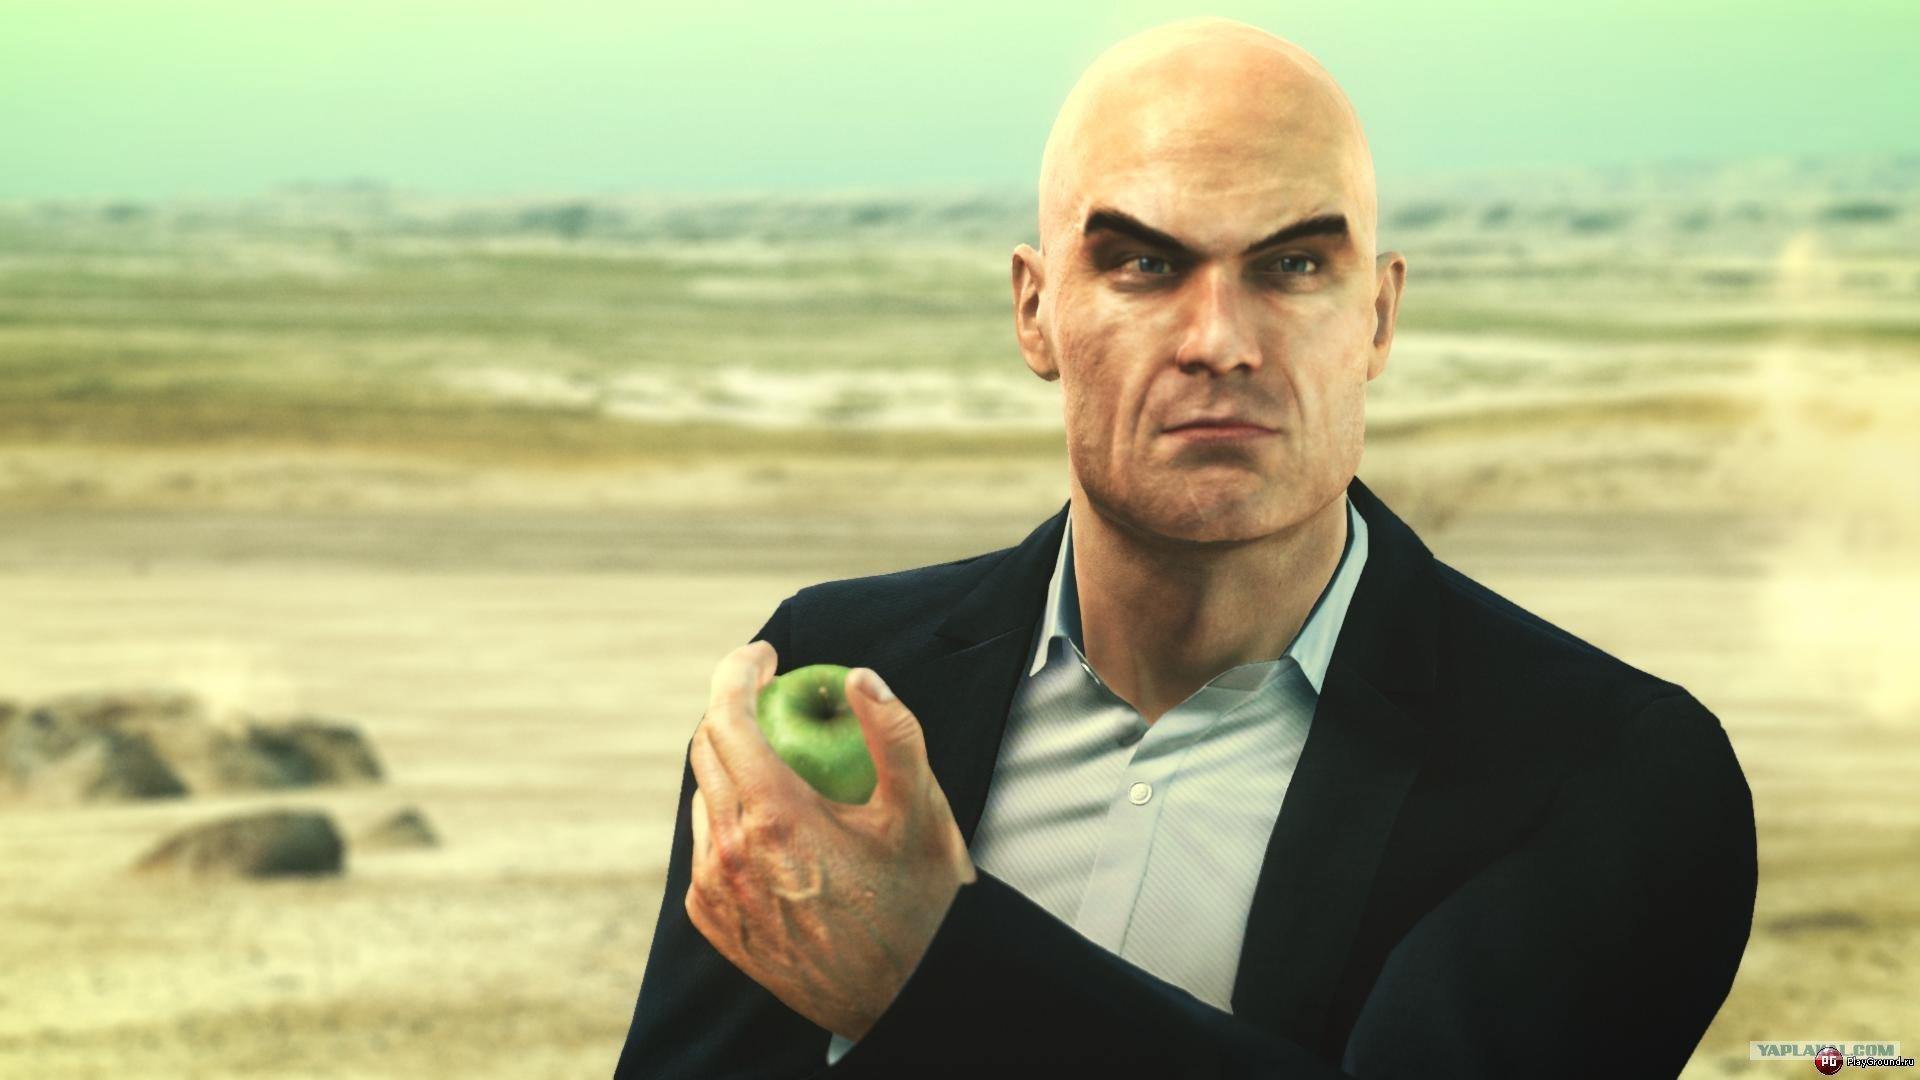 Hitman:Absolution               Хитману, консоли не помеха!  Hitman это легенда игровой индустрии, а Absolution, тол ... - Изображение 2